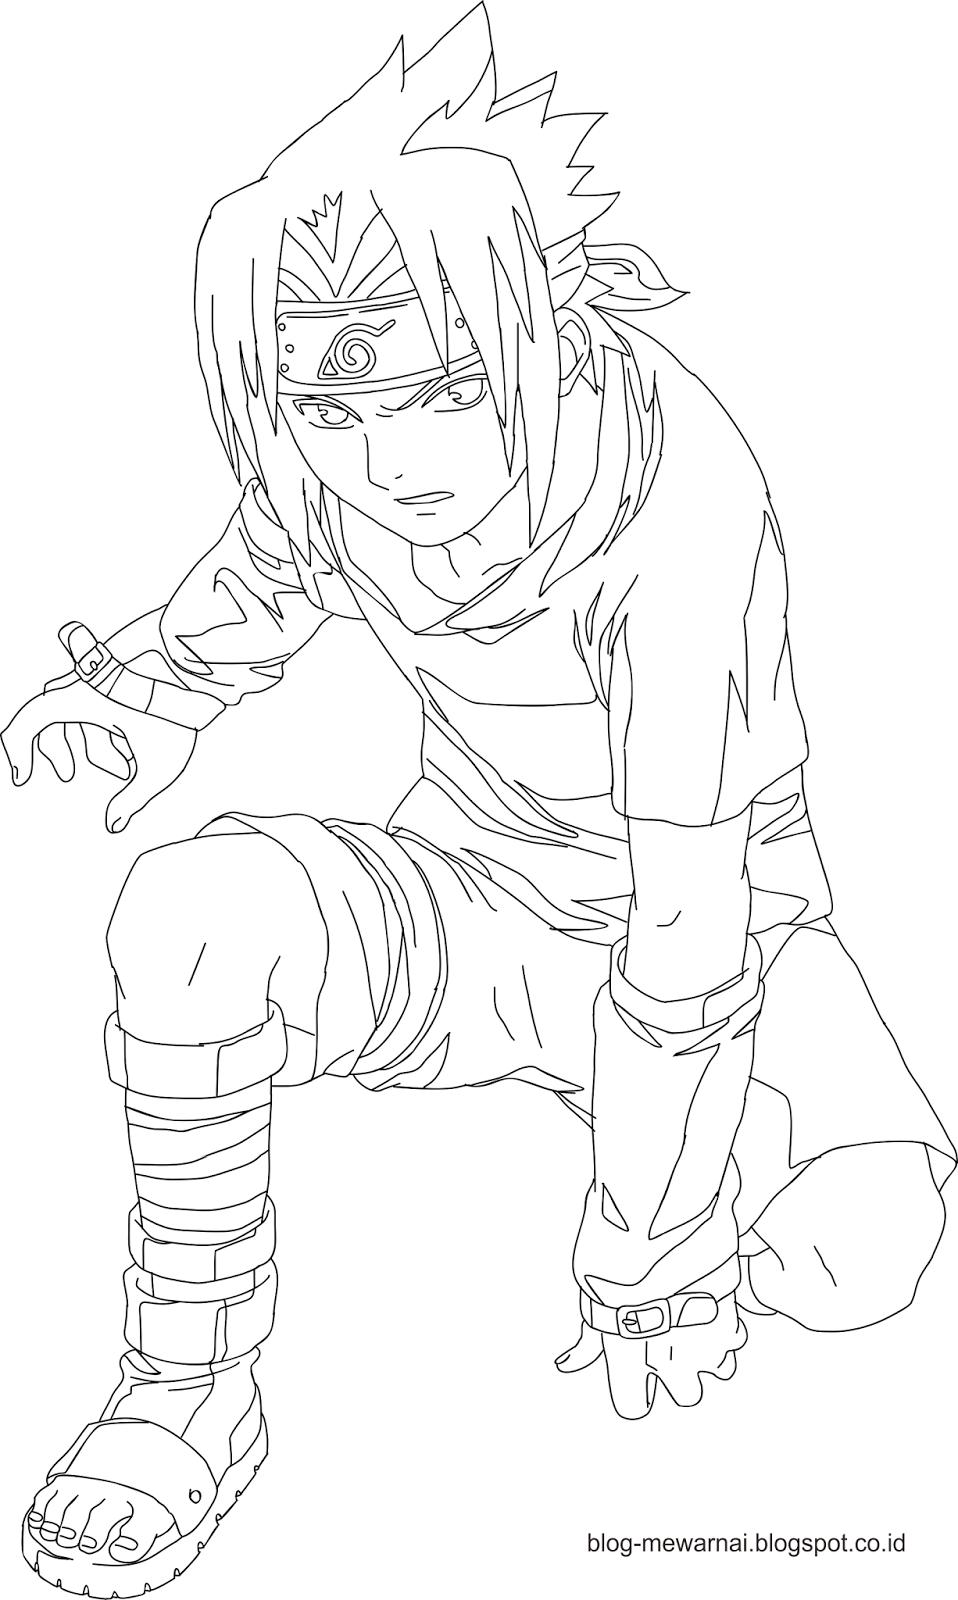 Gambar Mewarnai Naruto Dan Sasuke Gambar Mewarnai Gratis